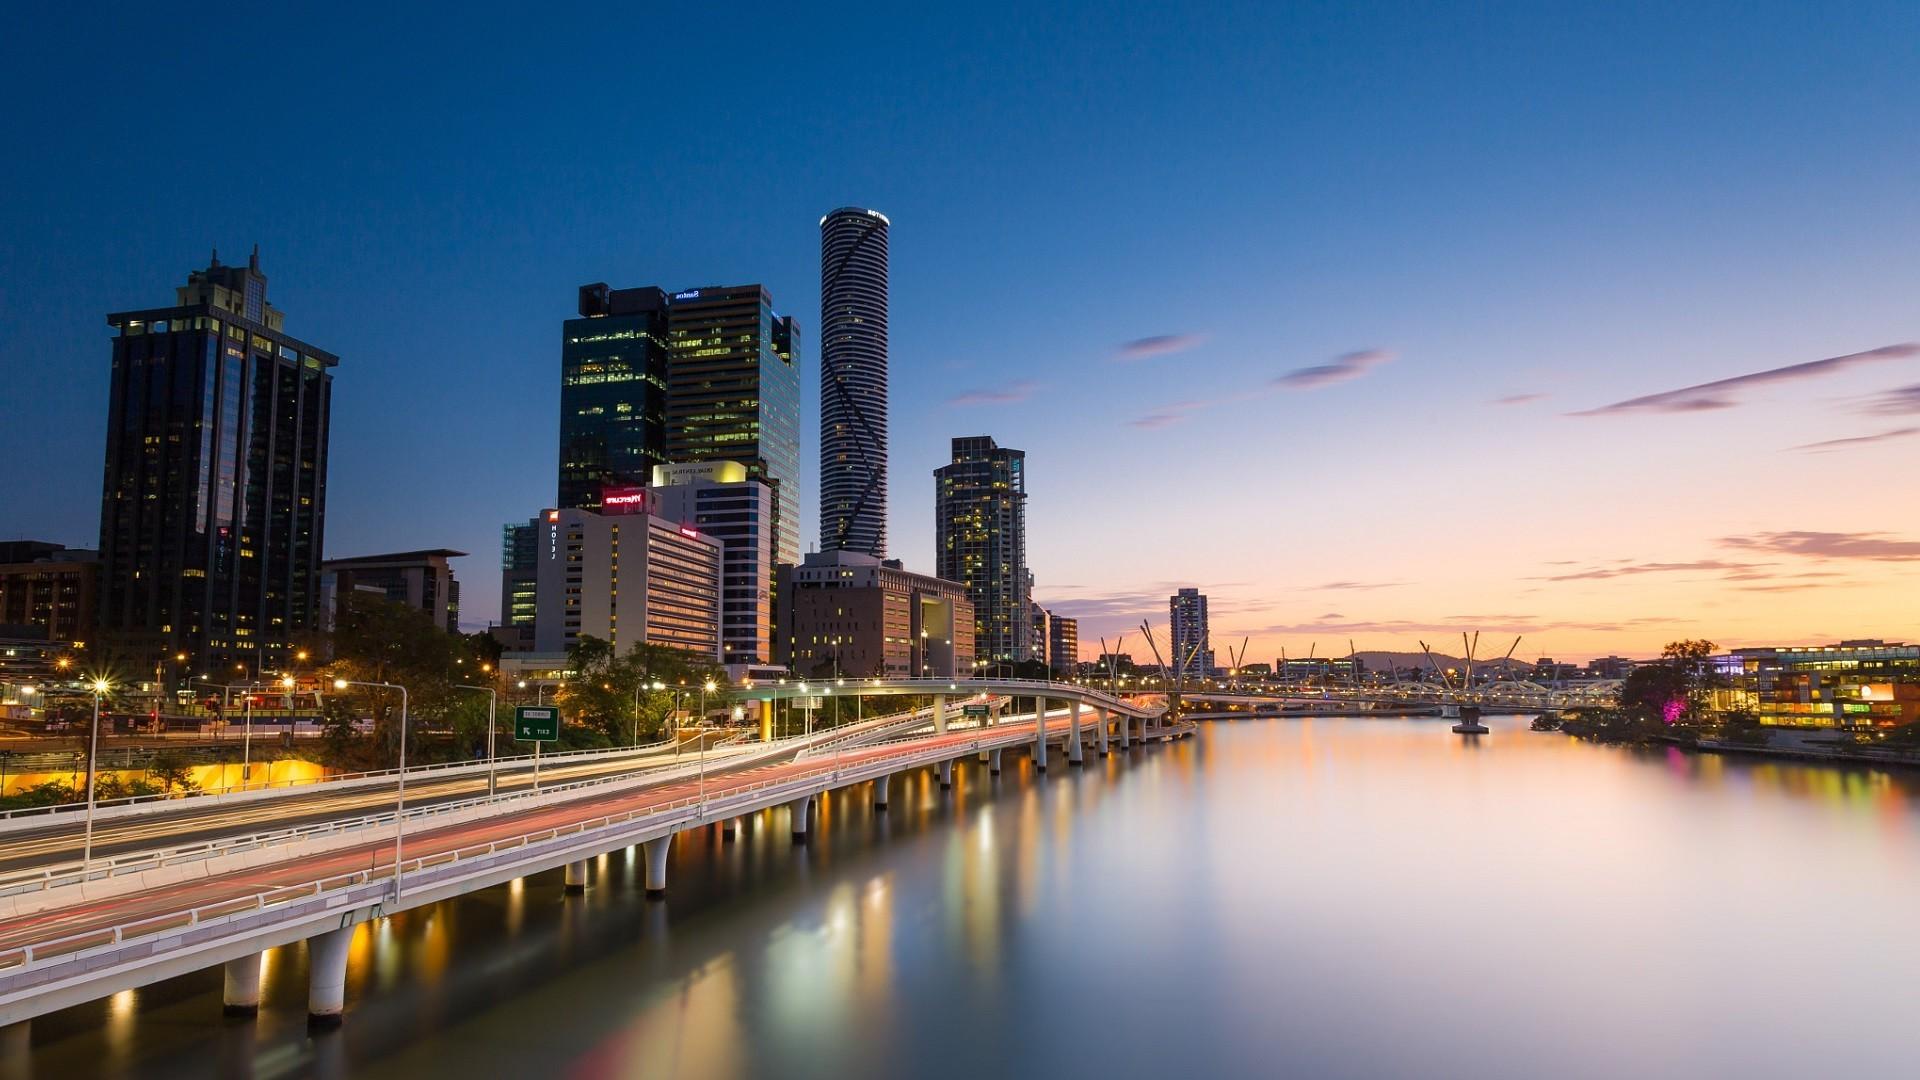 Iphone X Miami Wallpaper 배경 화면 1920x1080px 호주 브리즈번 시티 도시 풍경 반사 강 마천루 일몰